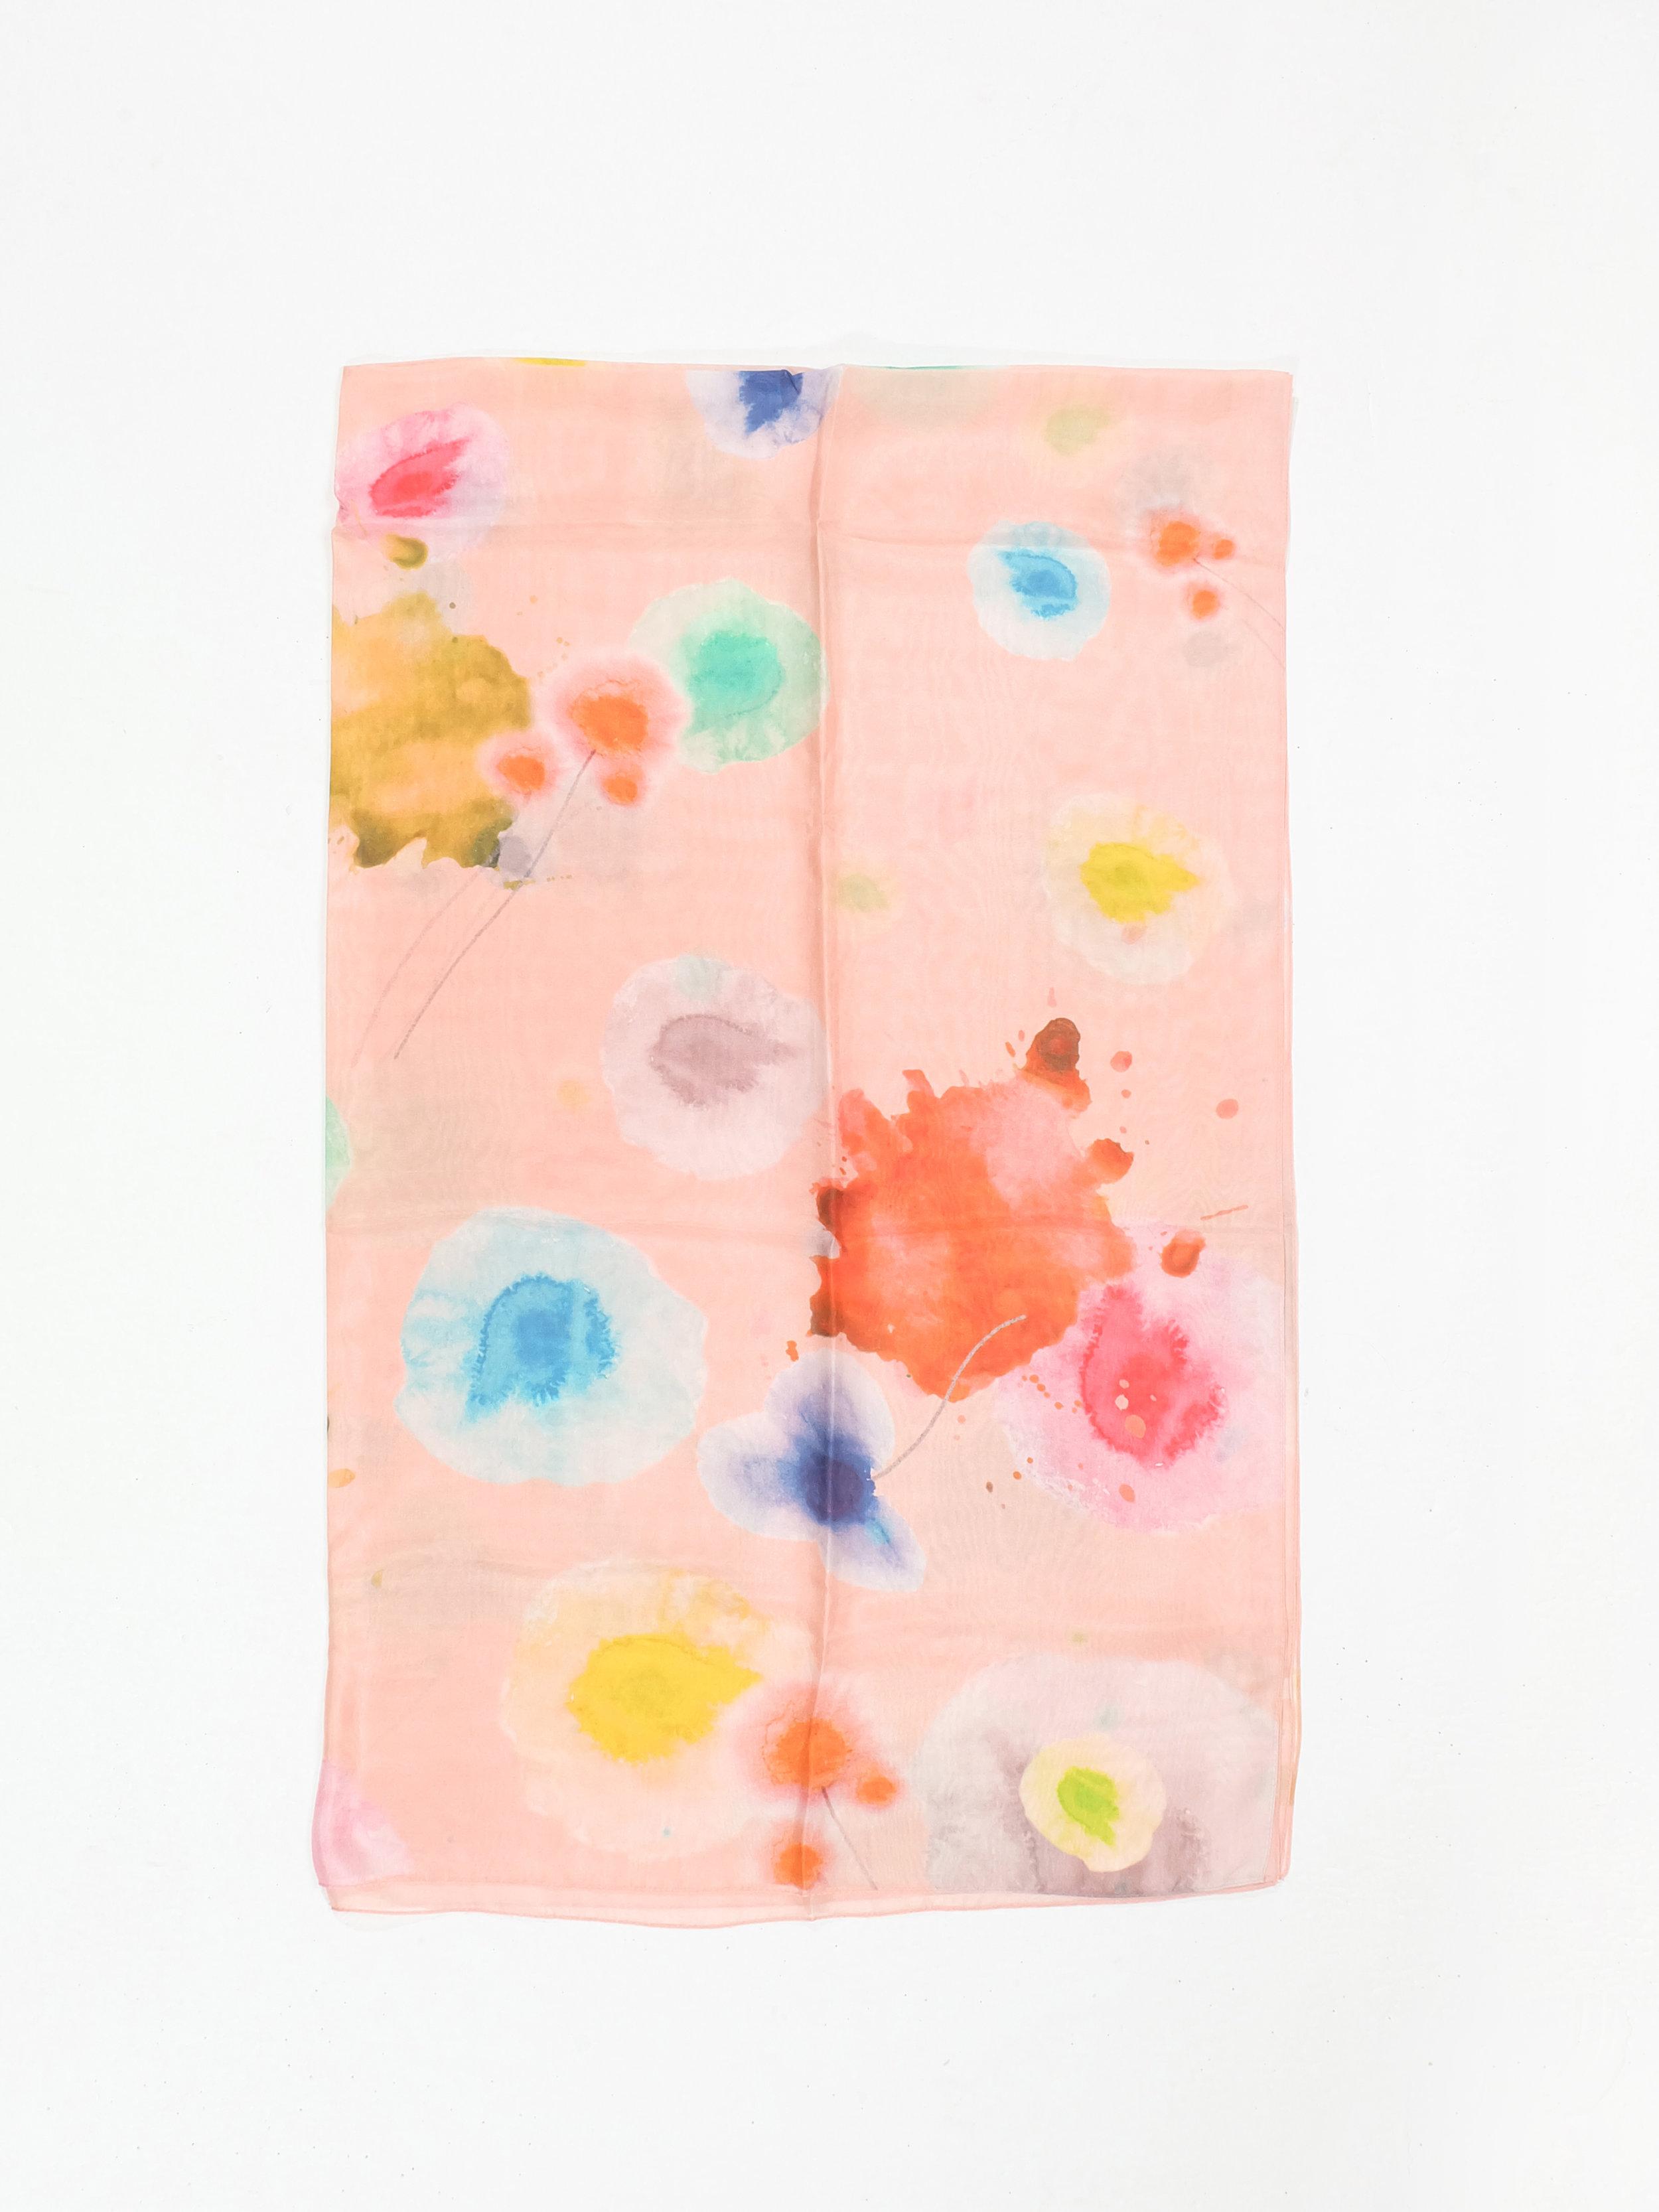 Painter's Palette (Mixed) -196x112cm